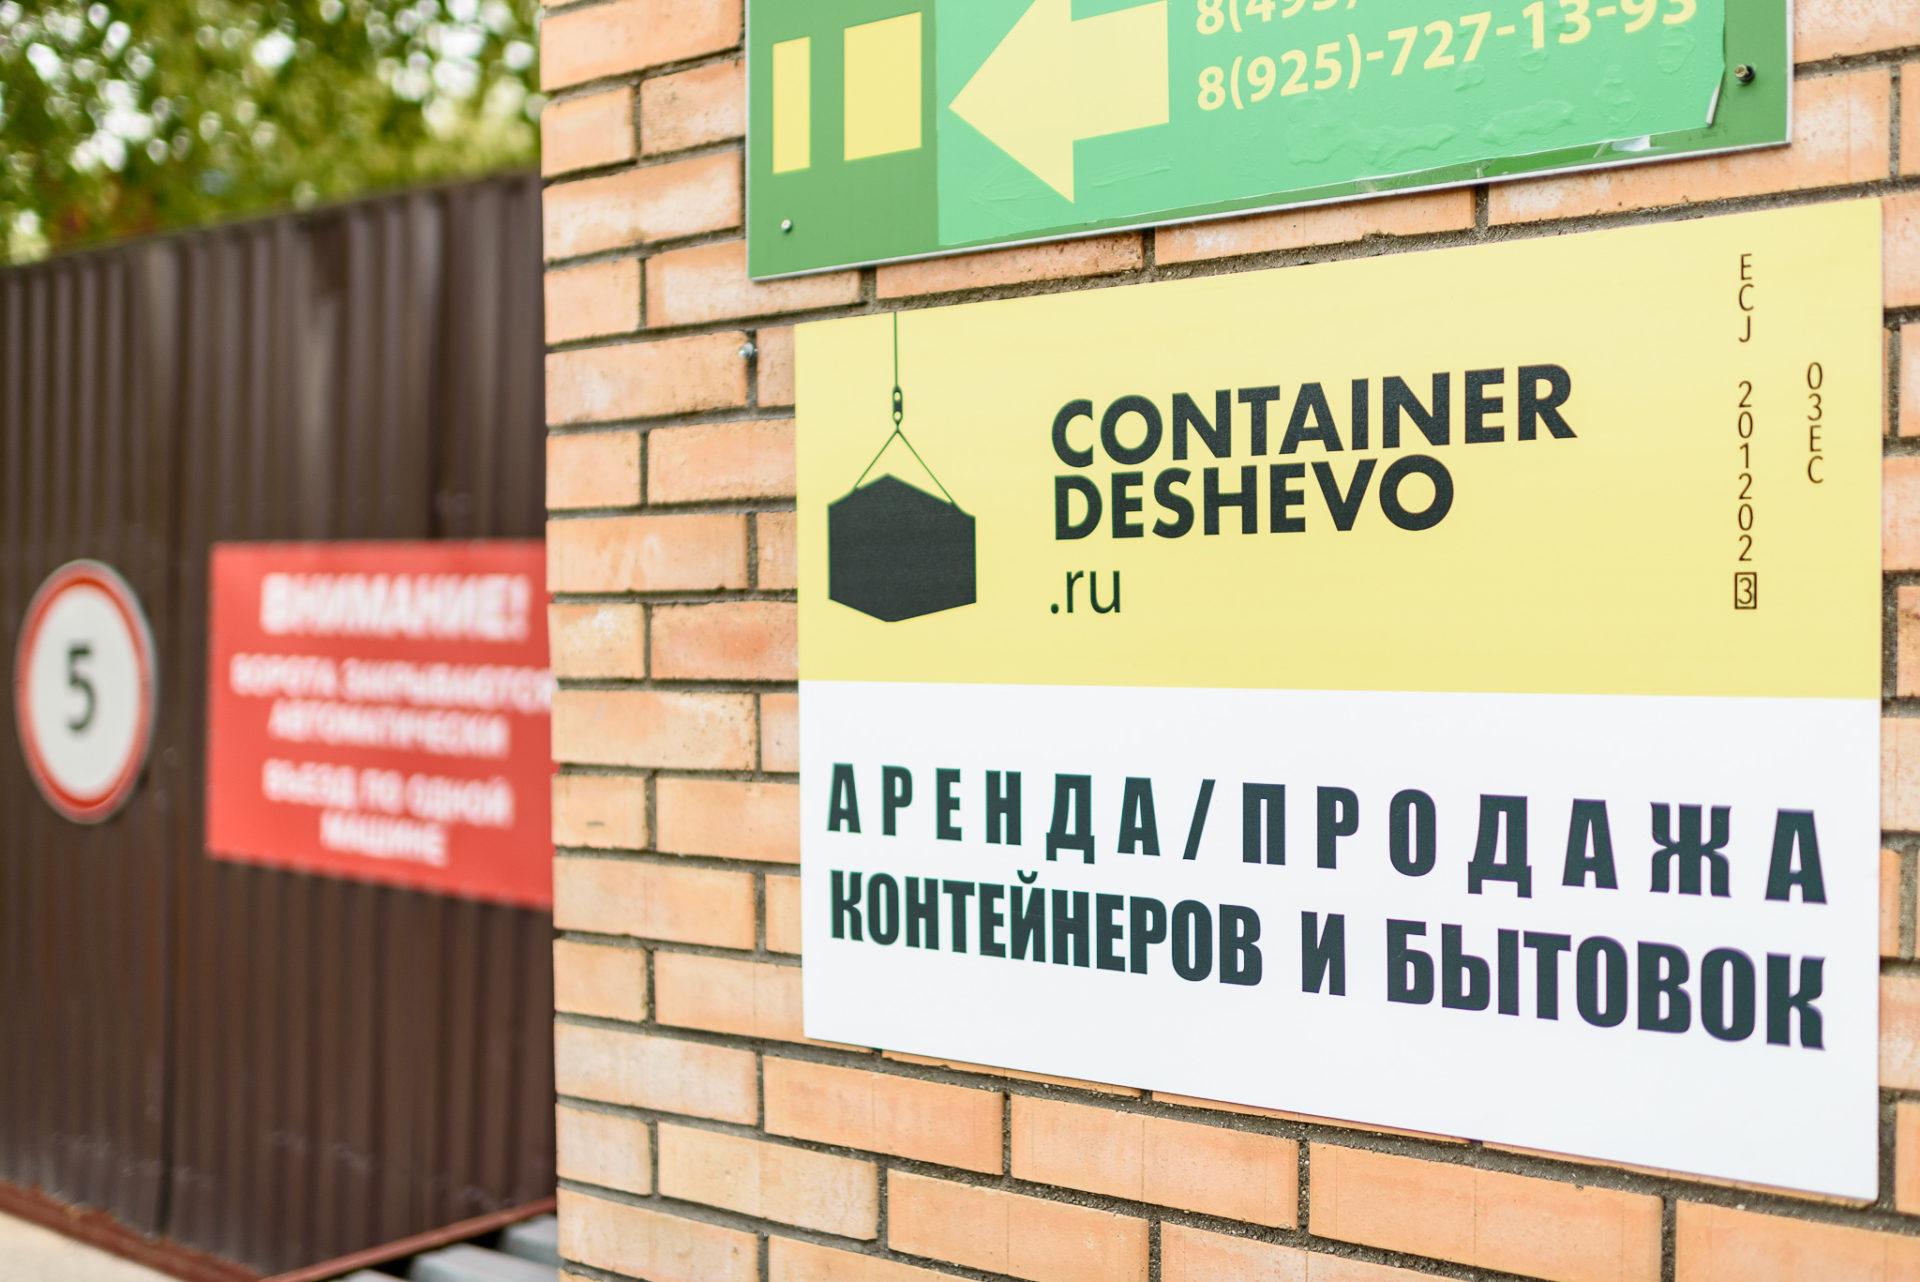 Контейнер под склад 5ф (1-ДЗРЖ) фото